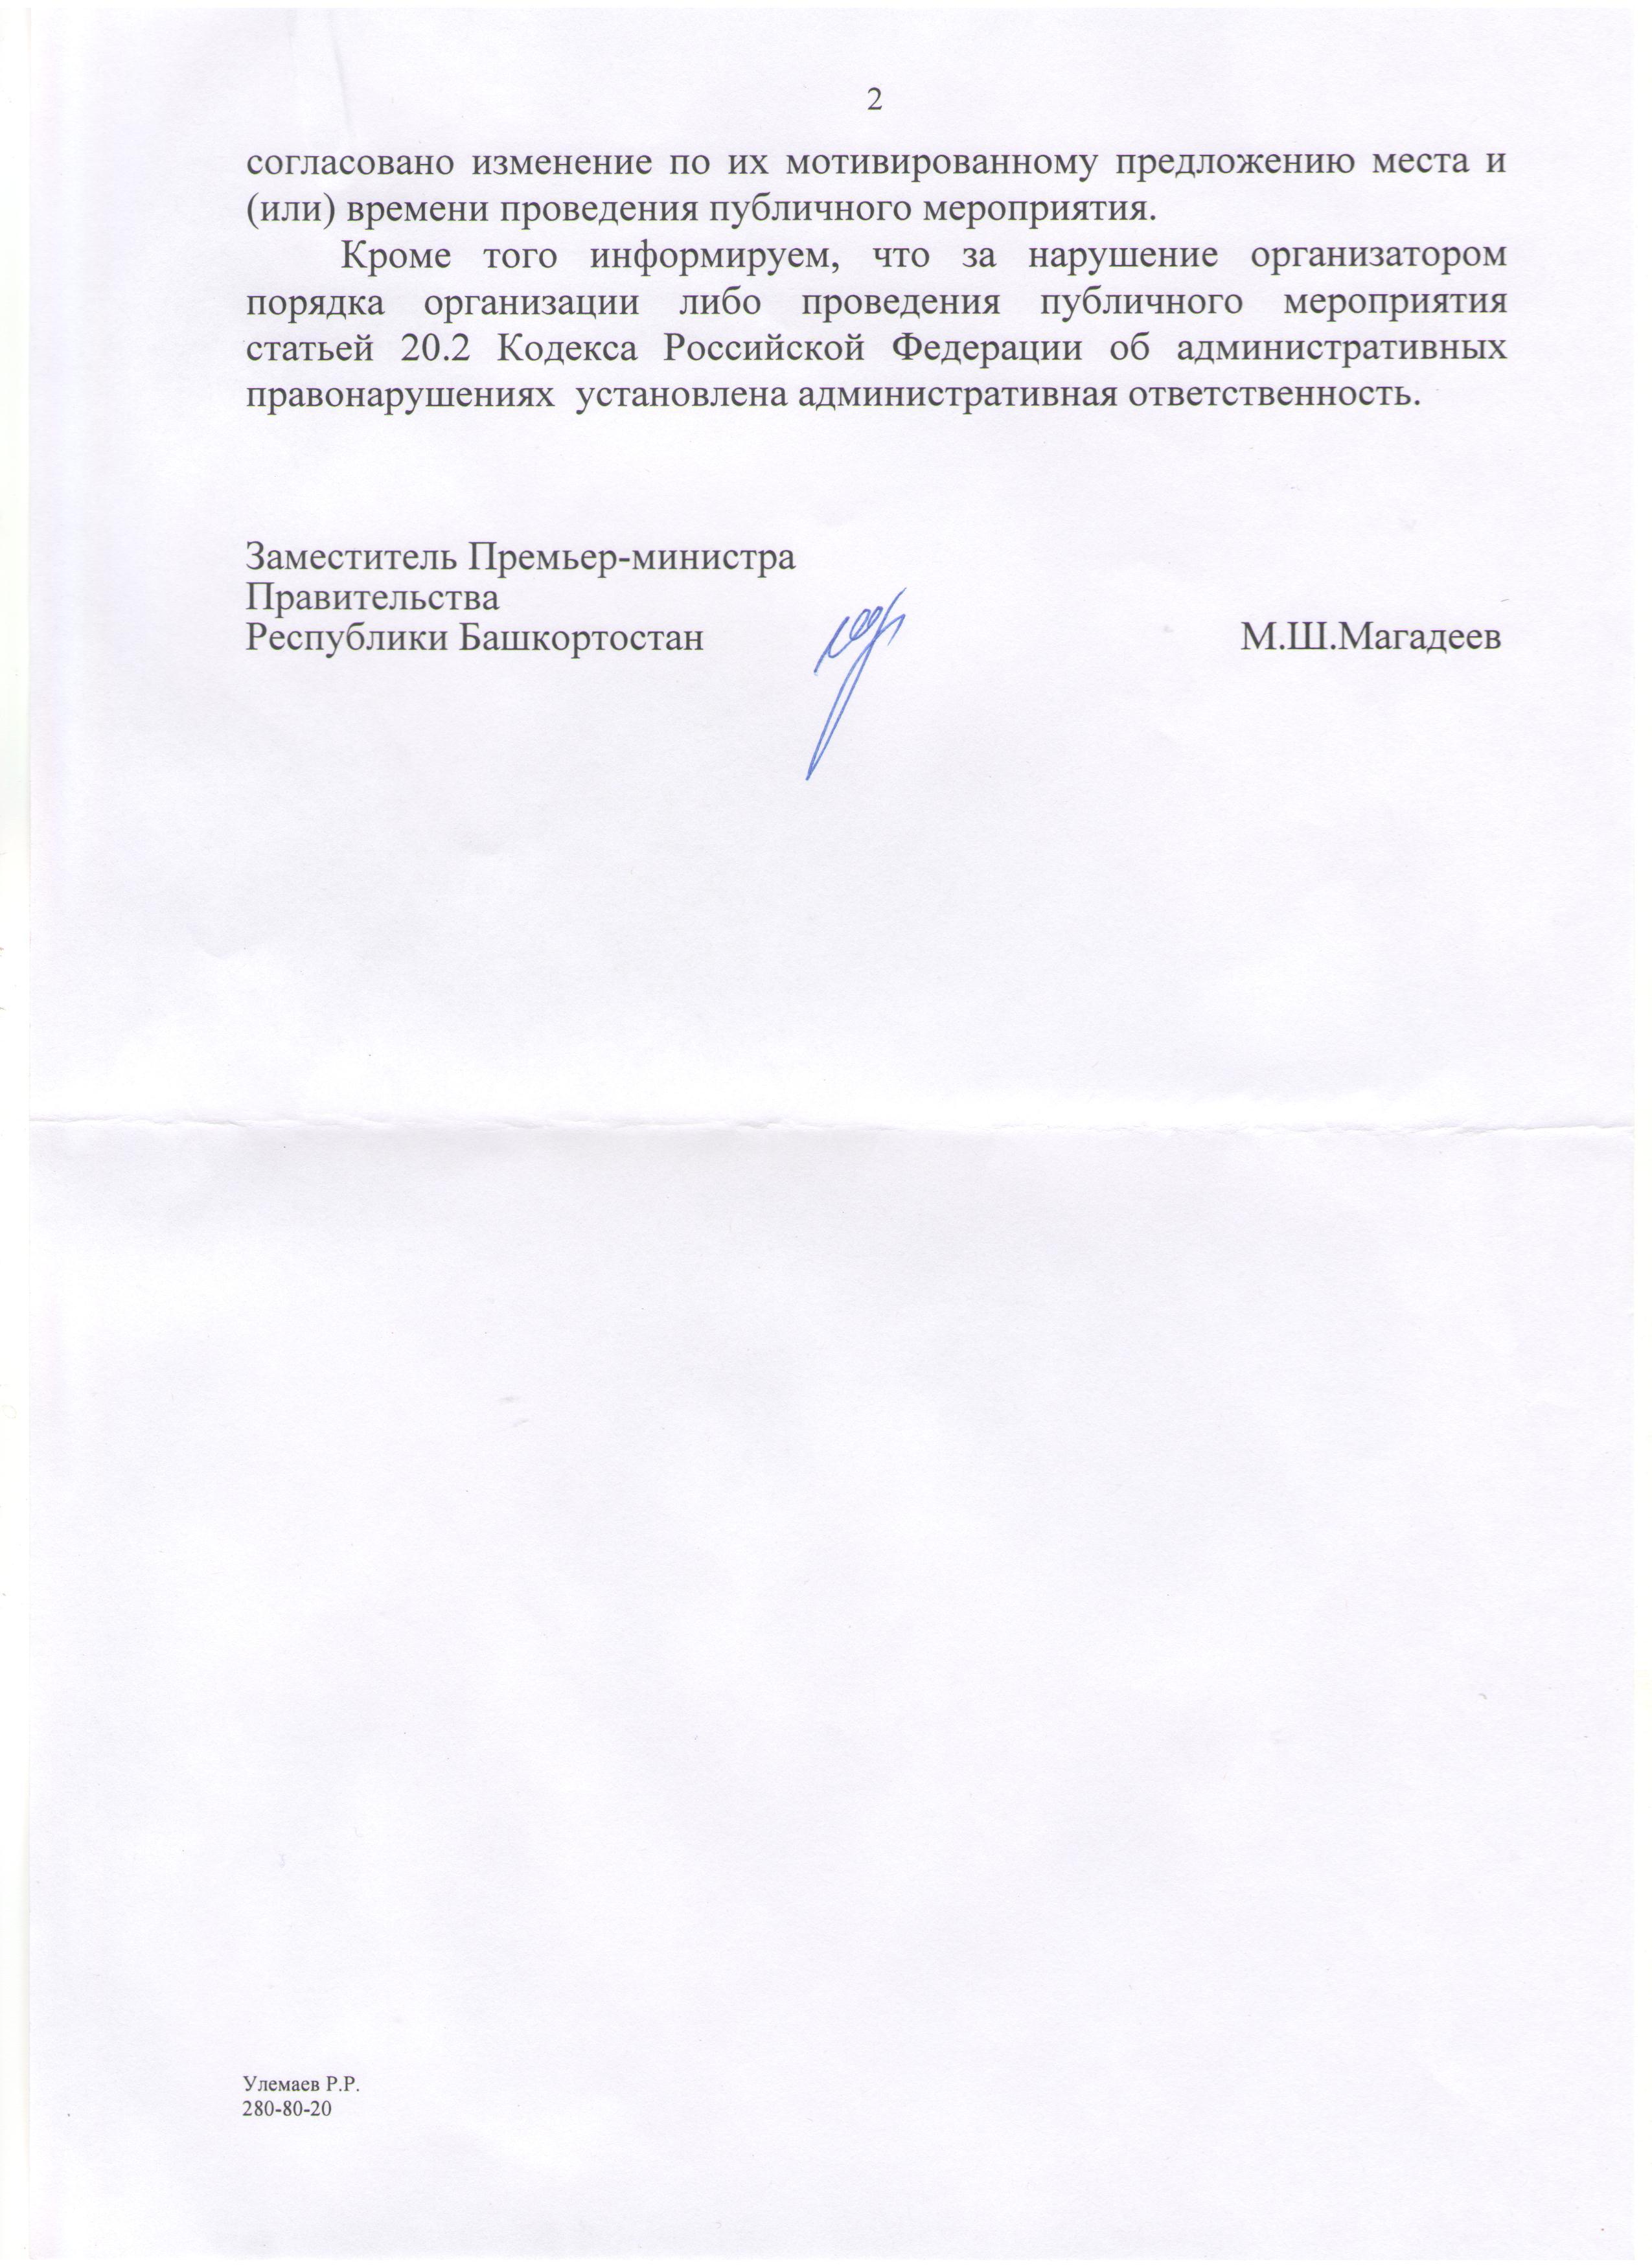 Запрет жителям села на сход. Магадеев. Башкирия